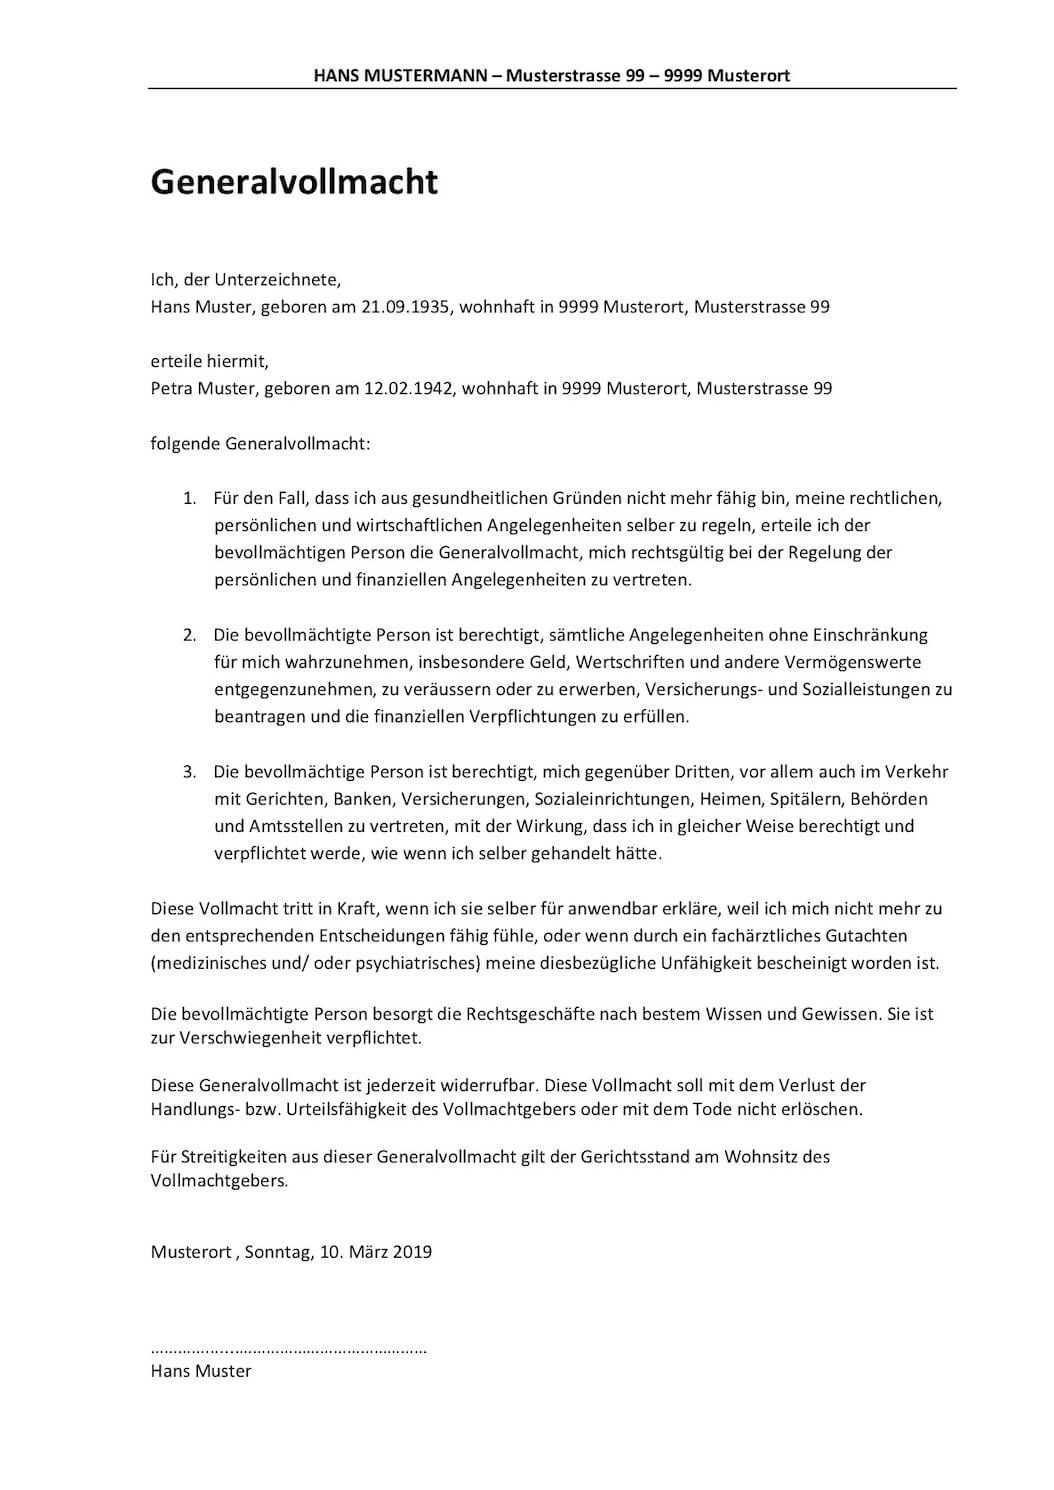 Generalvollmacht Vorlage Schweiz Vollmacht Vorlagen Vertrauensperson